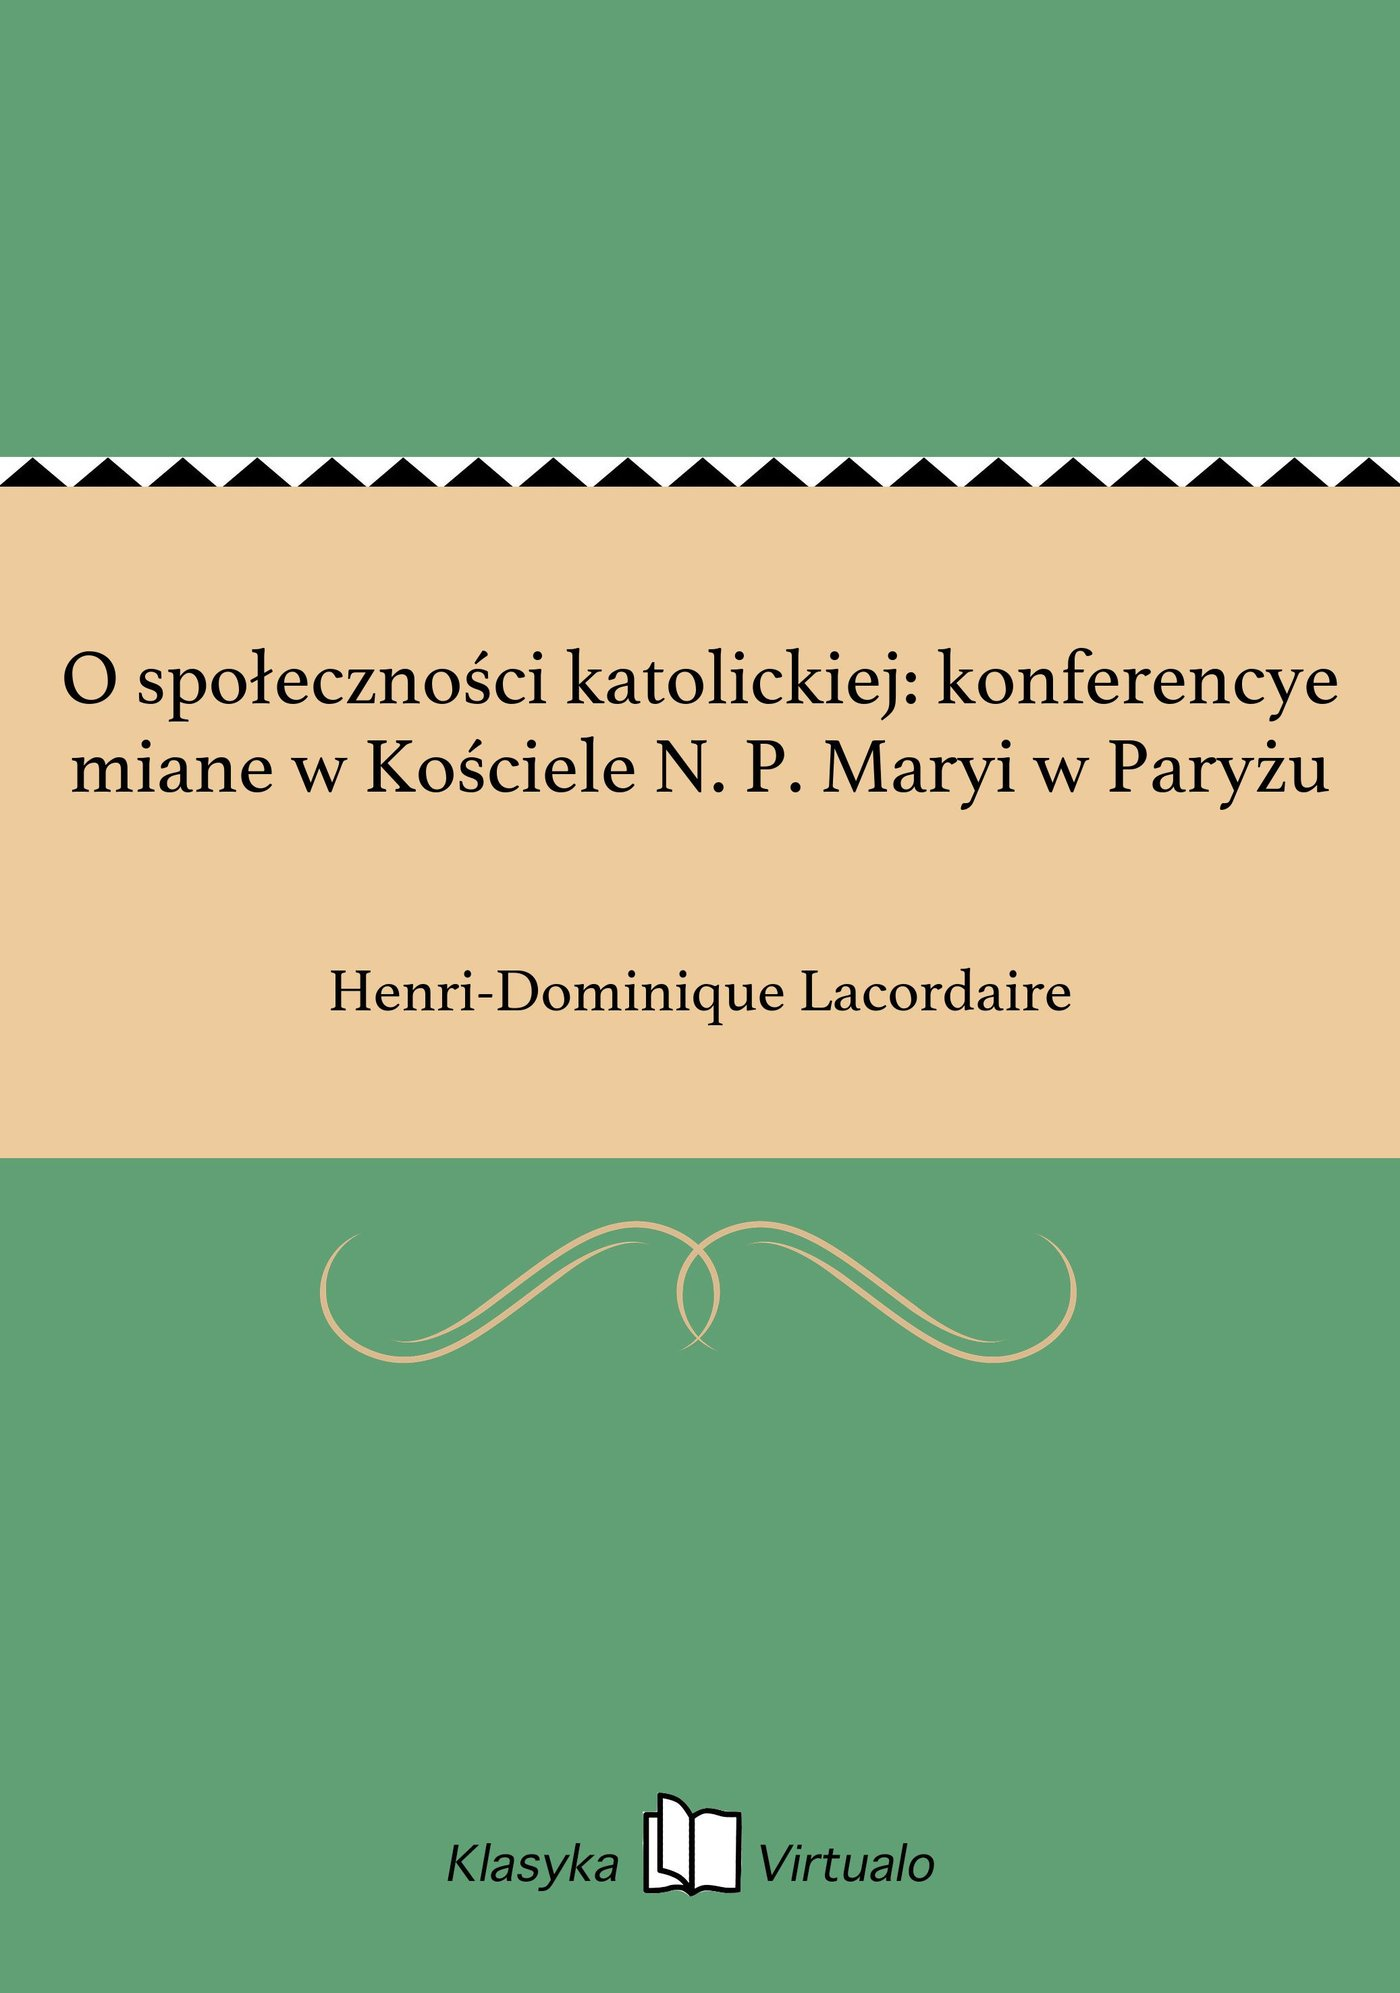 O społeczności katolickiej: konferencye miane w Kościele N. P. Maryi w Paryżu - Ebook (Książka EPUB) do pobrania w formacie EPUB